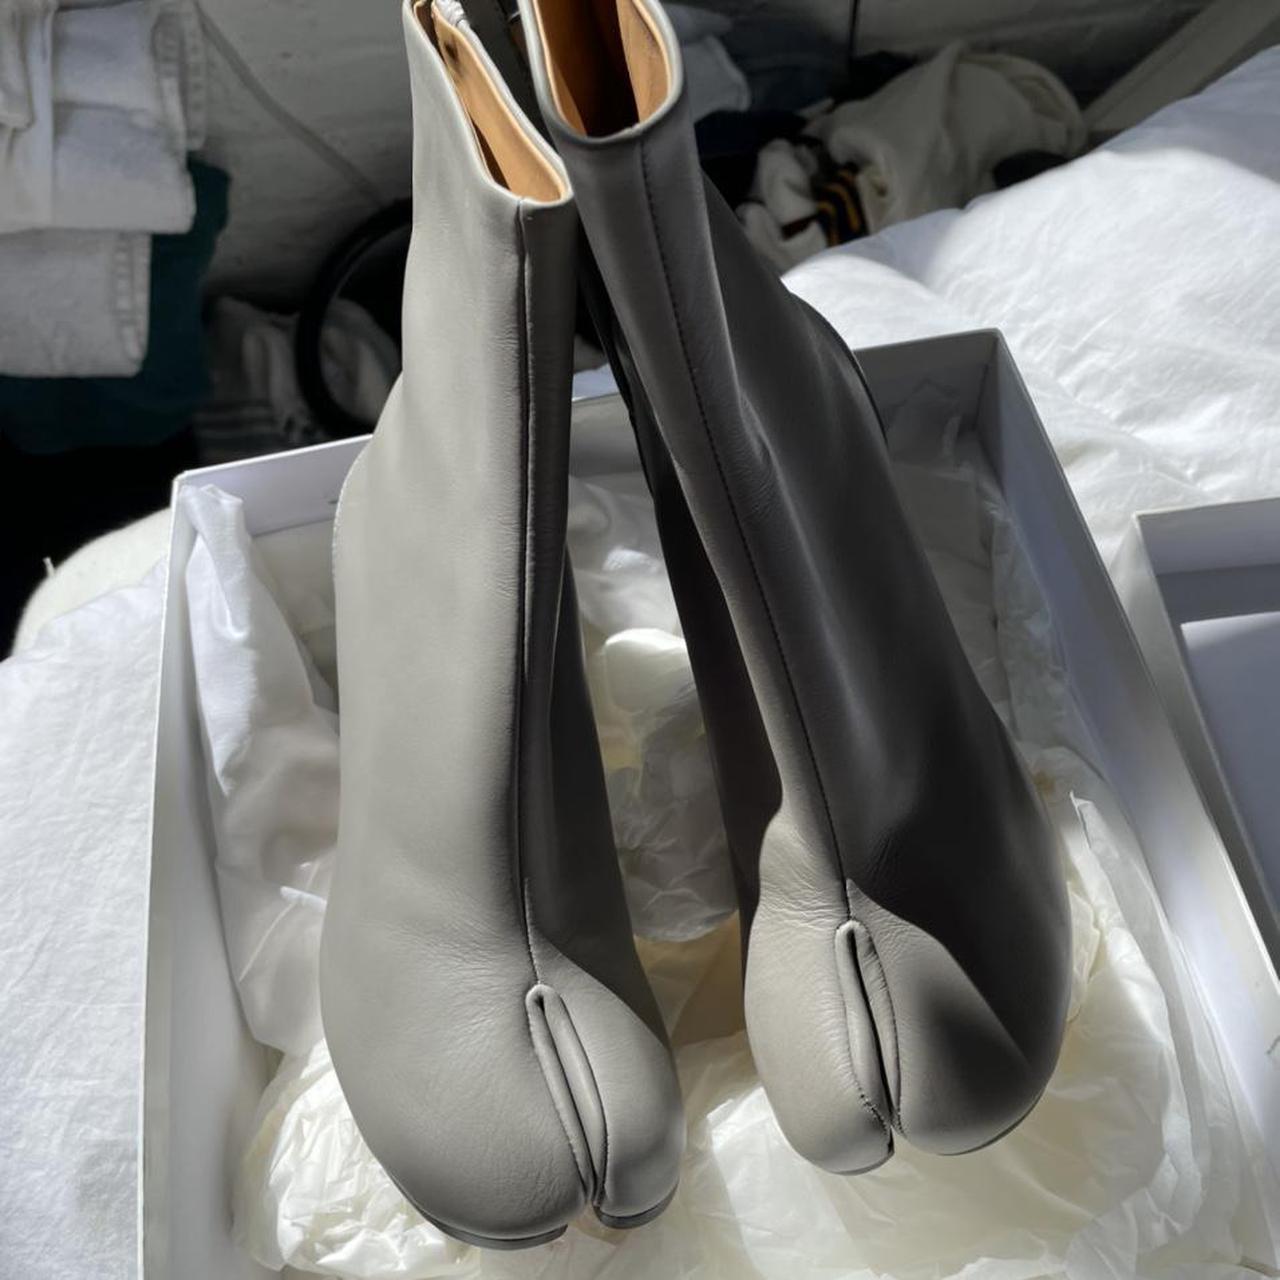 Product Image 1 - Ssense exclusive Maison Margiela grey